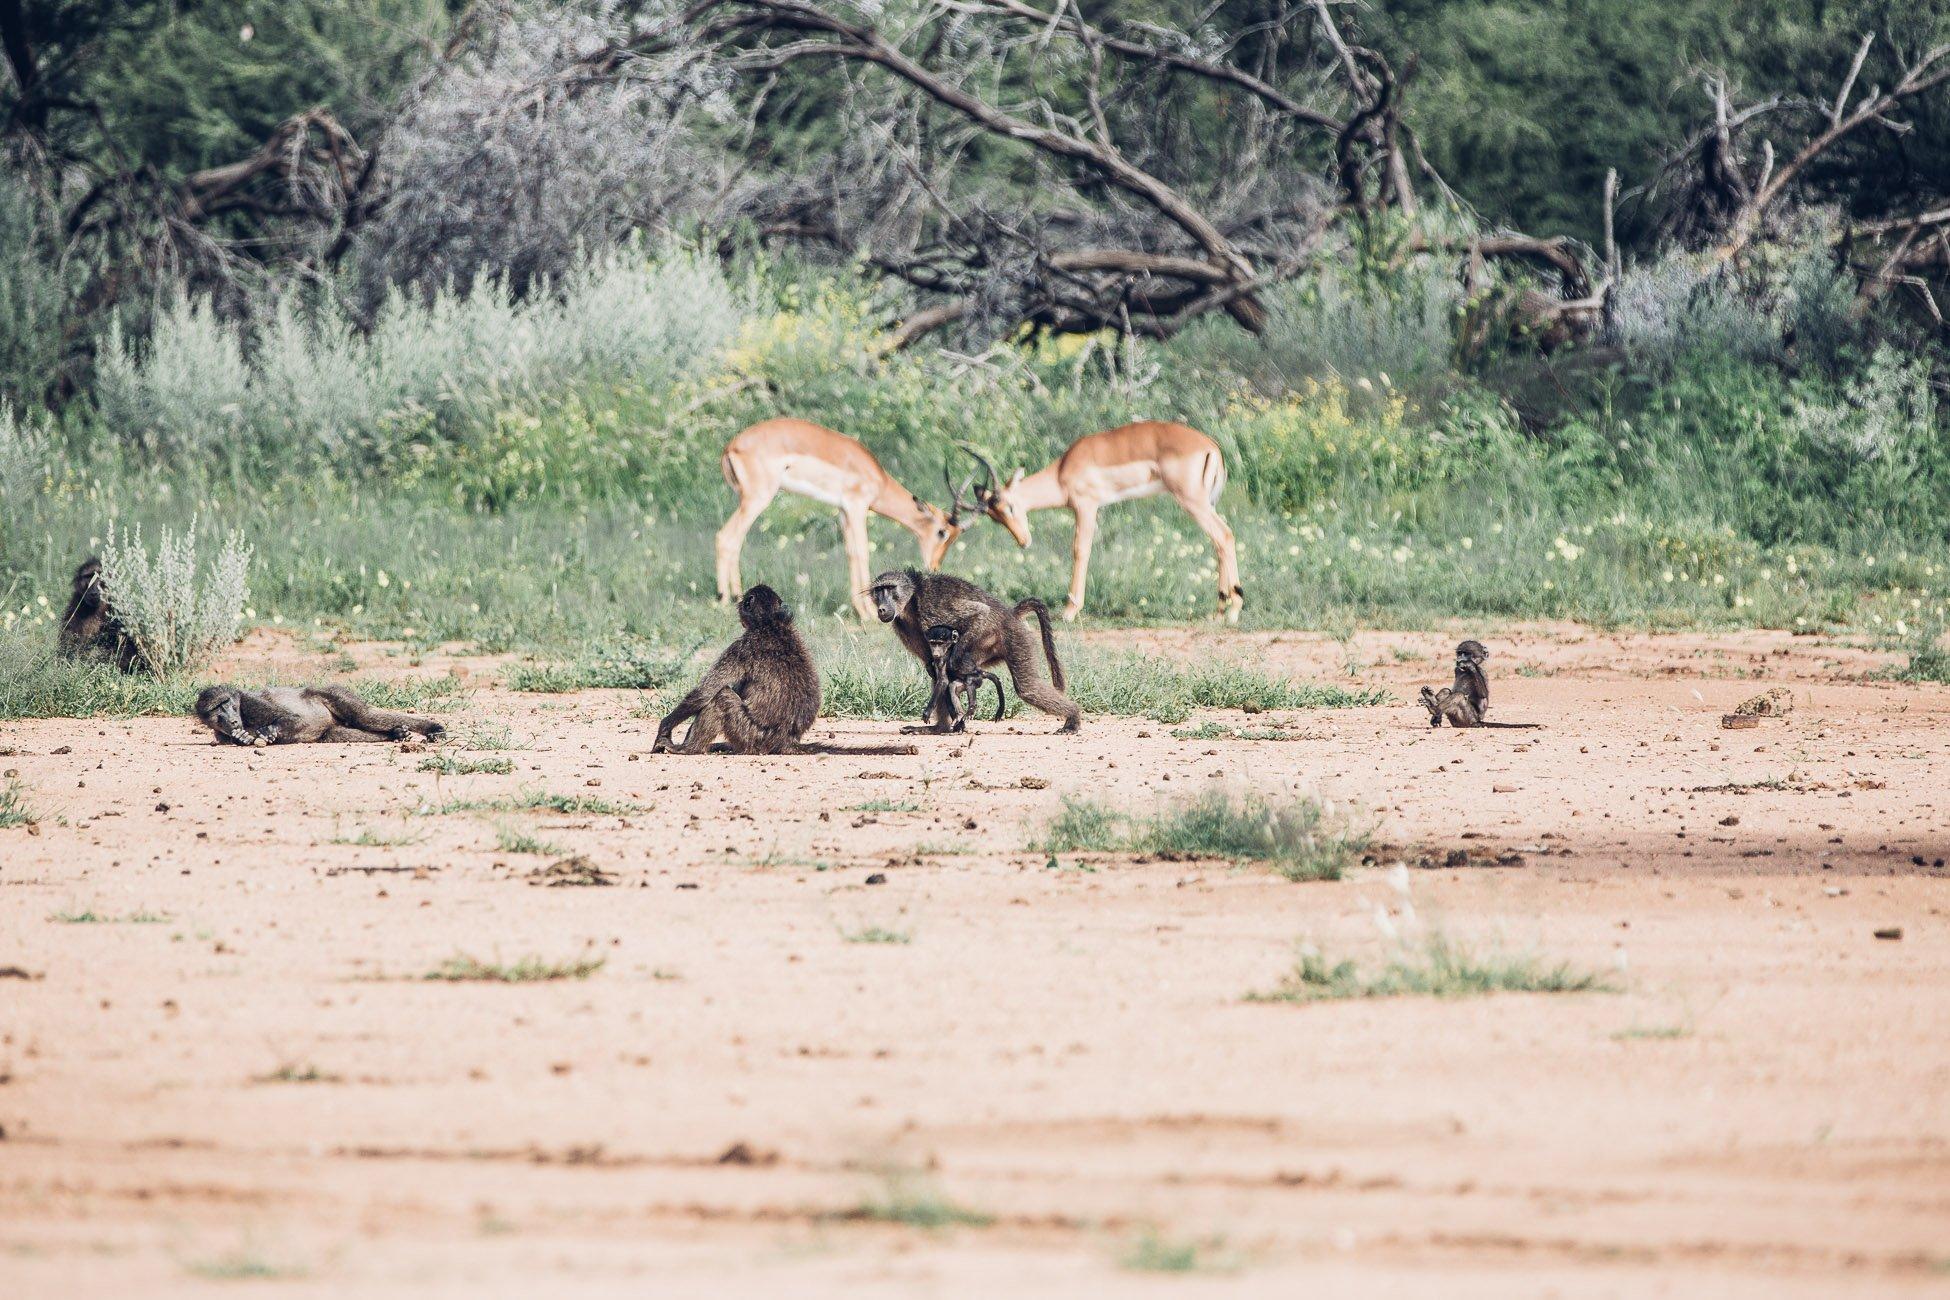 Baboons and Impalas at a Safari in Namibia